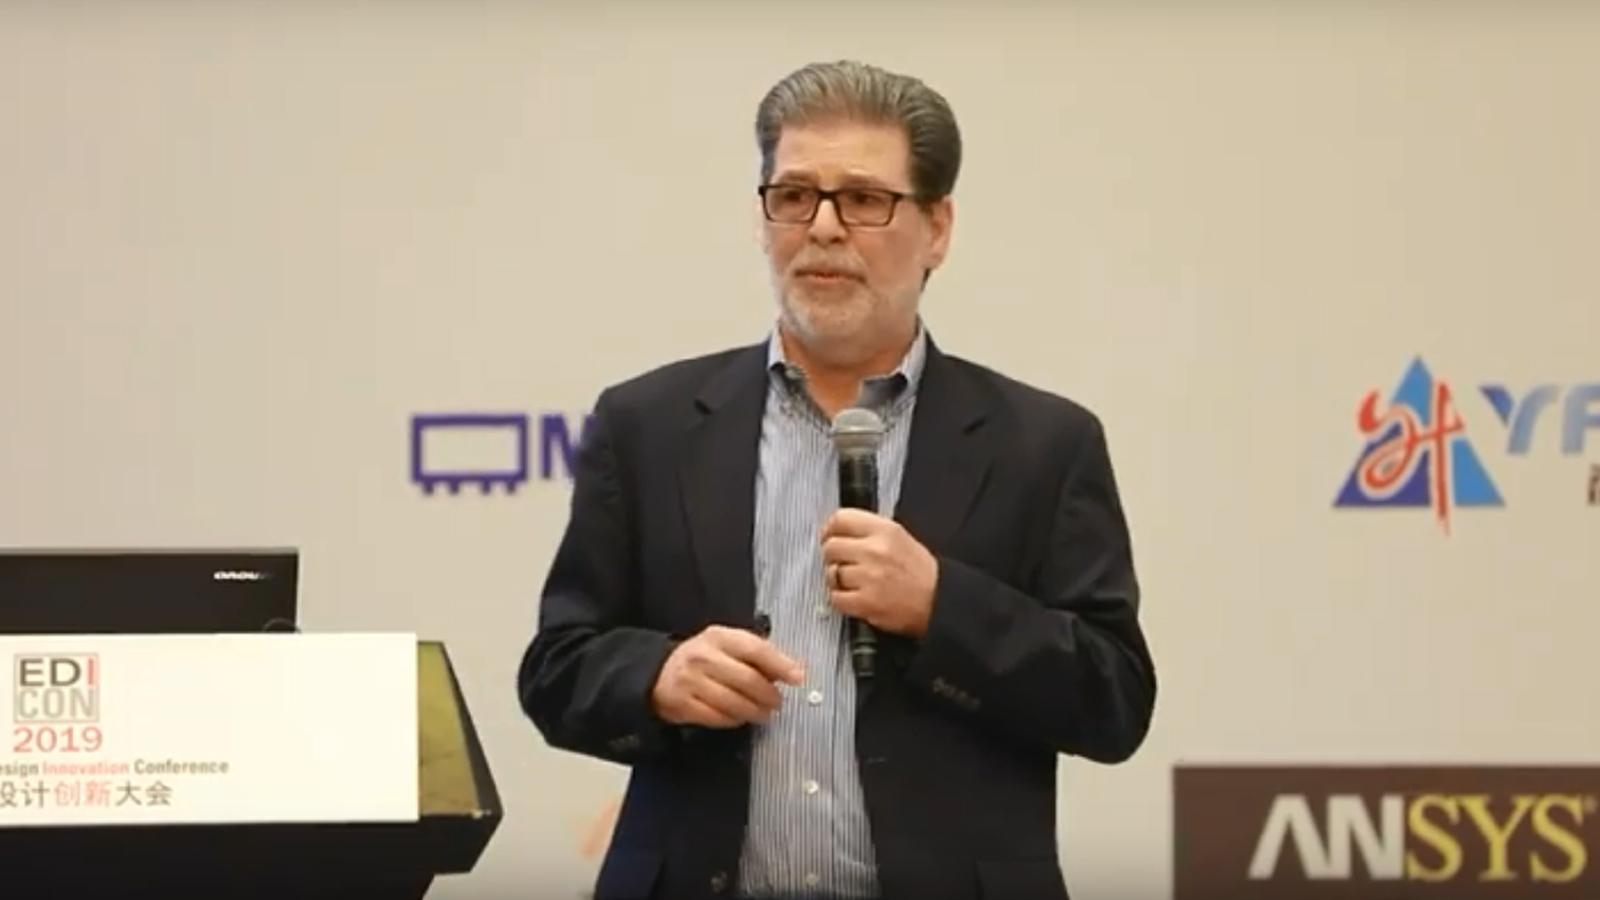 Steve-sandler-keynote_edichina19